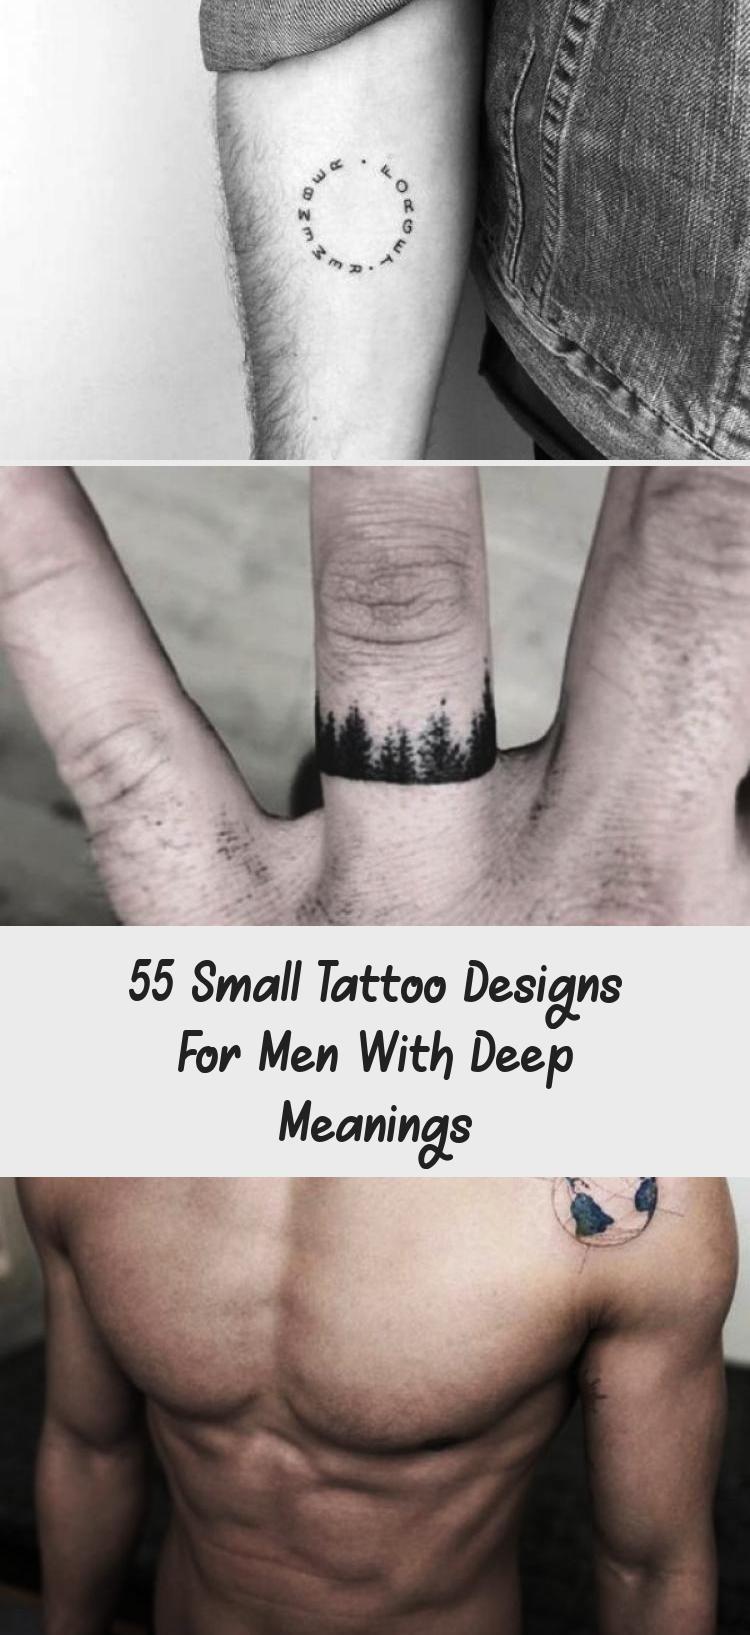 Kleine Tattoo Ontwerpen Voor Mannen Met Diepe Betekenissen Tattooideenkreuz Tattooideenmu In 2020 Small Tattoos Small Tattoo Designs Tattoo Designs Men